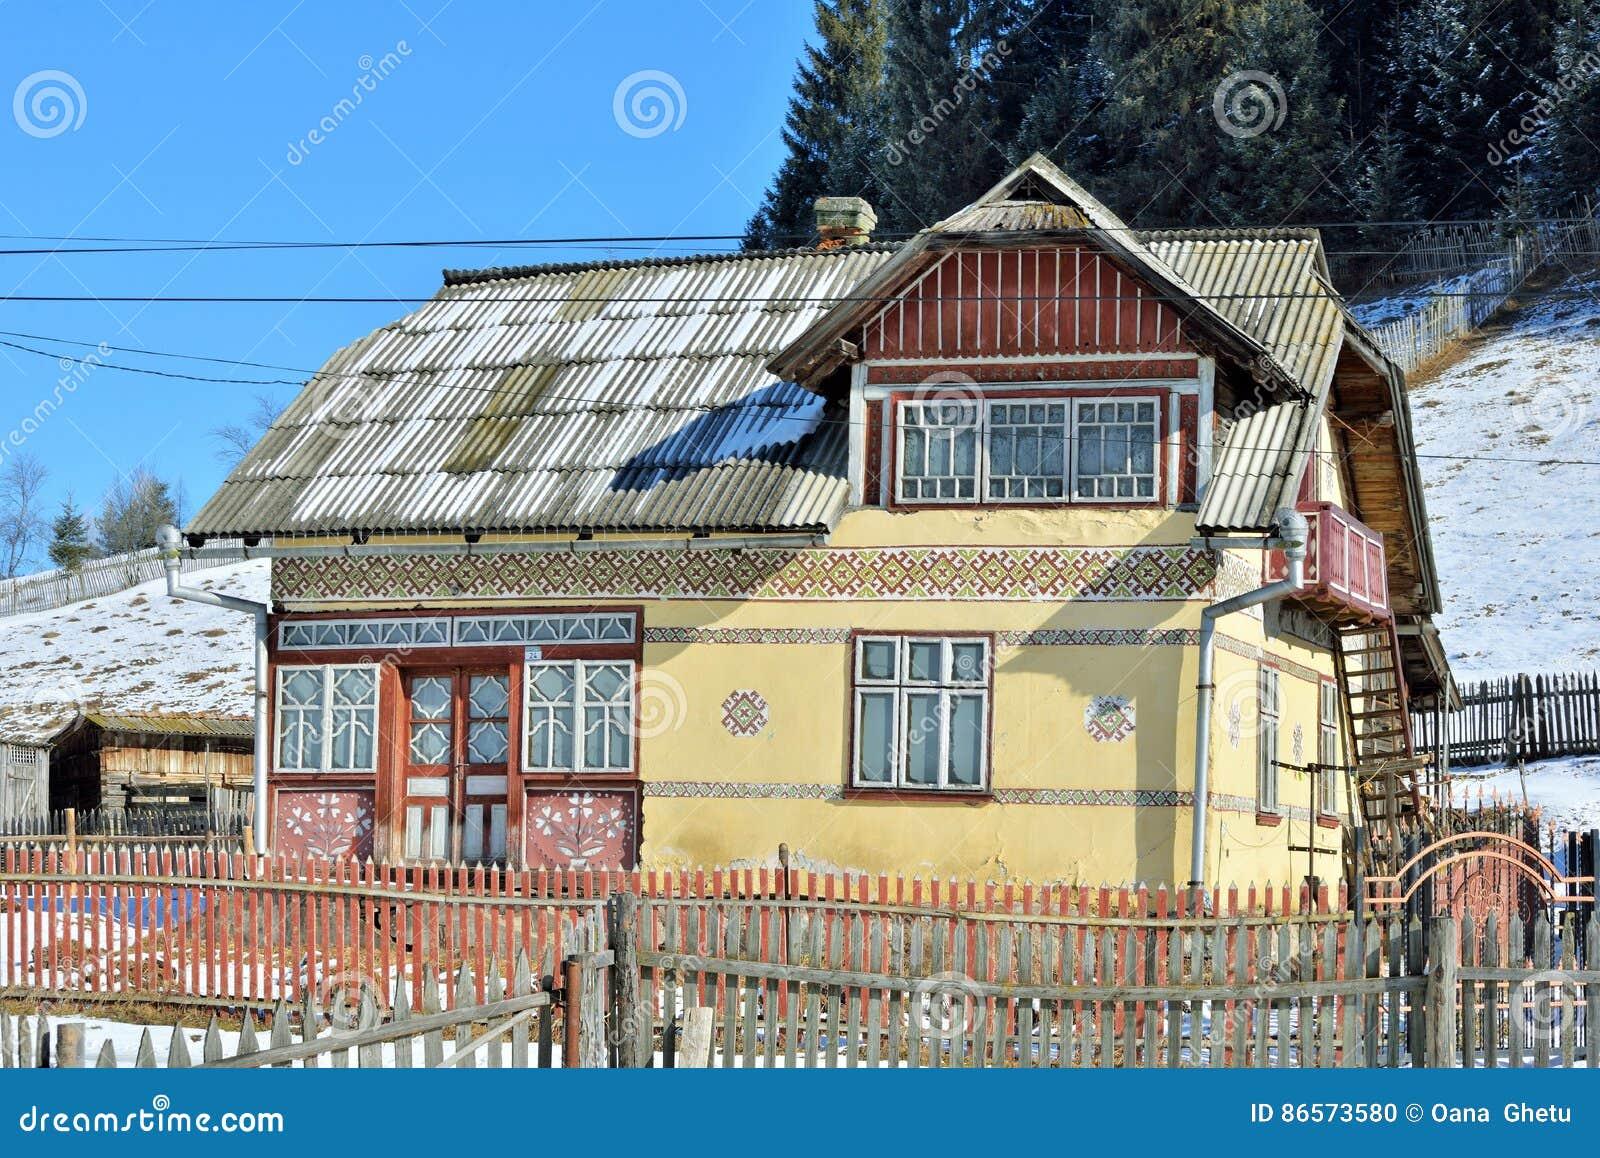 Chambres peintes comme des oeufs de pâques, dans le village Ciocanesti, comté Suceava, Roumanie